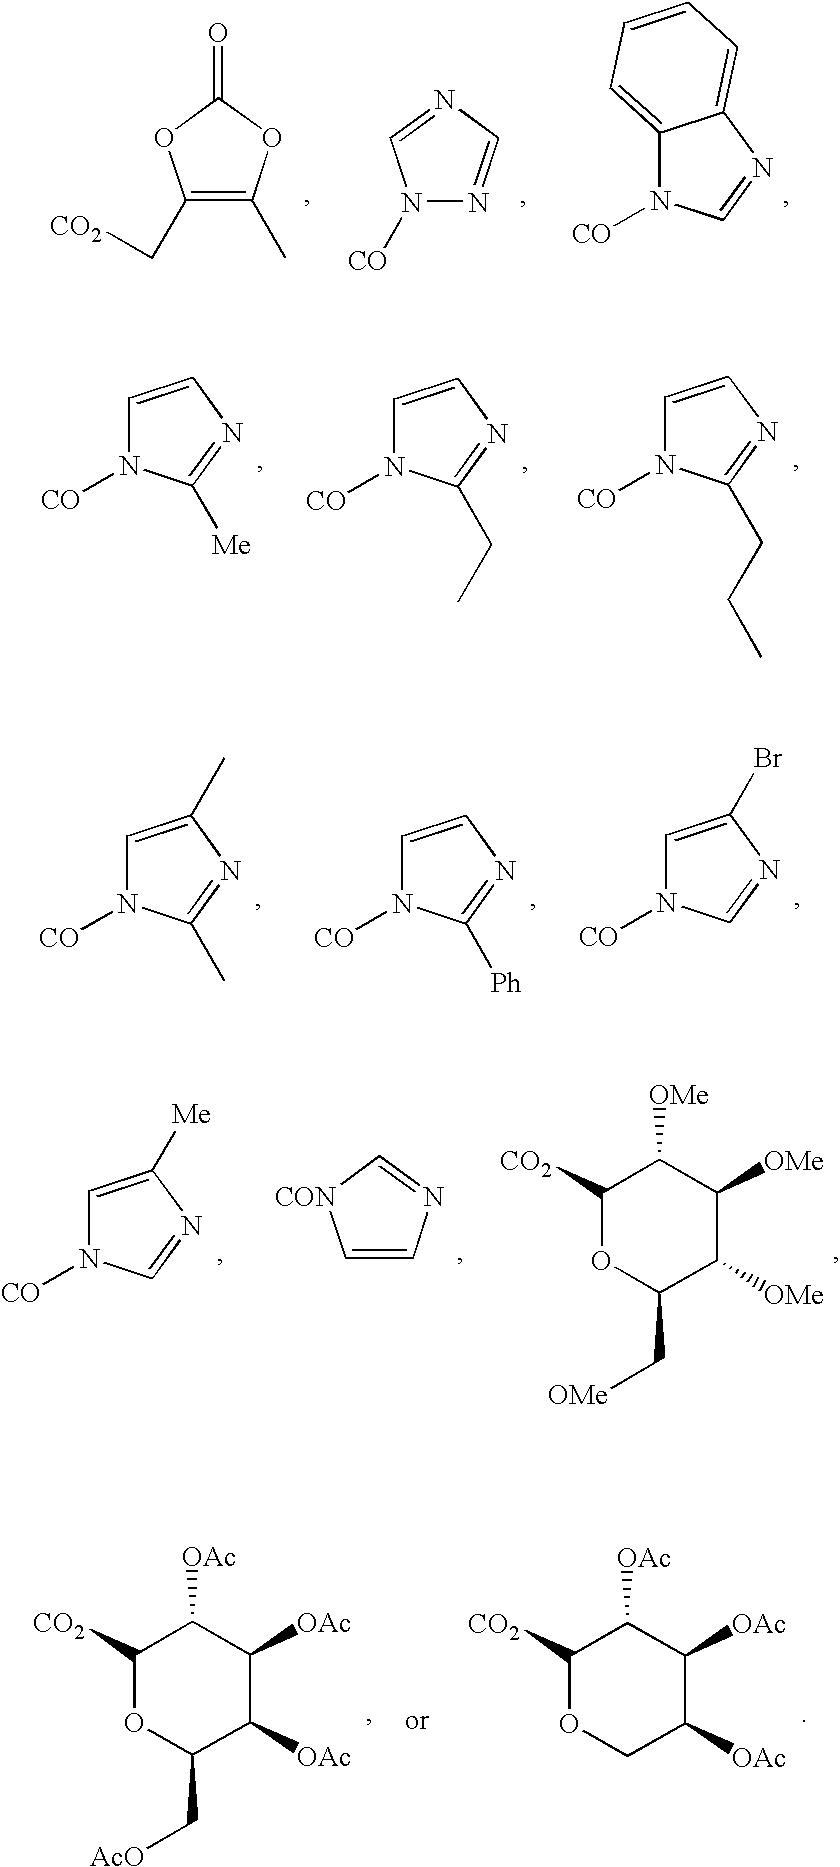 Figure US20040002463A1-20040101-C00016